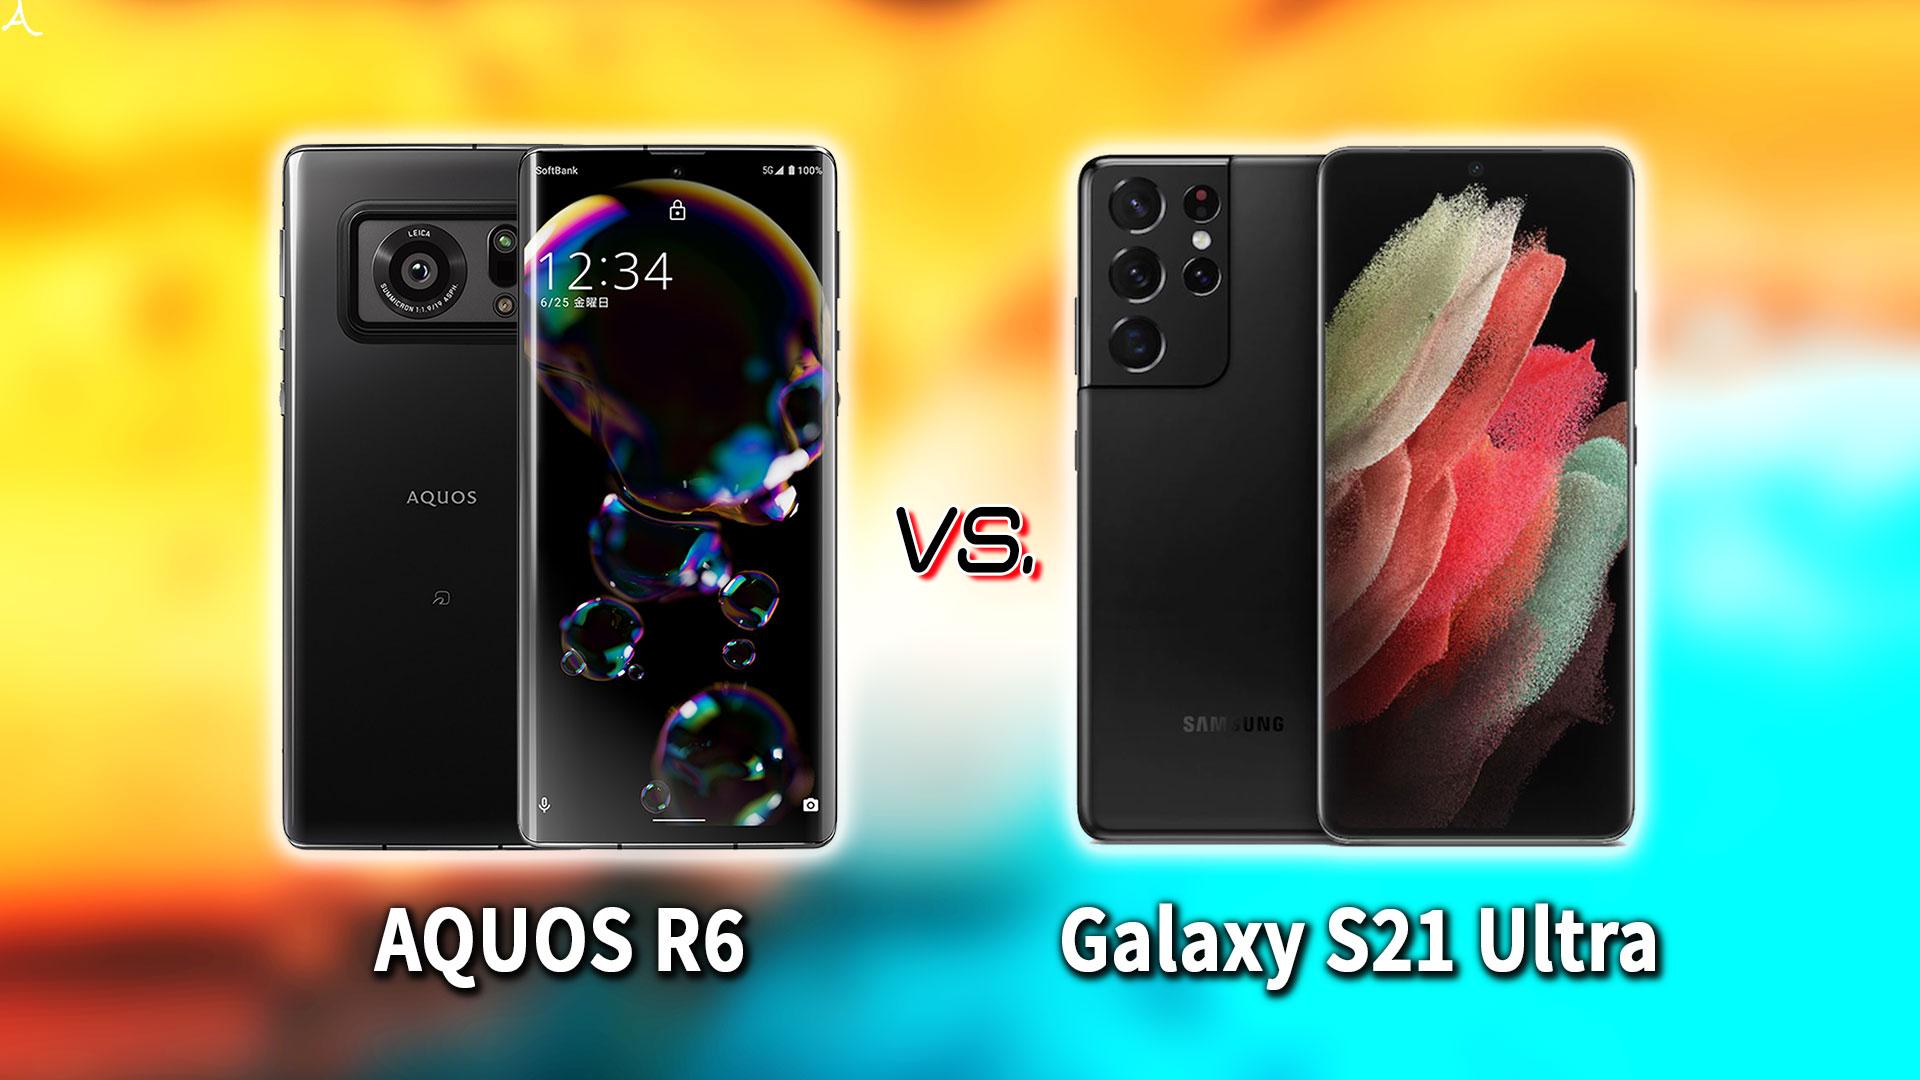 「AQUOS R6」と「Galaxy S21 Ultra」の違いを比較:どっちを買う?